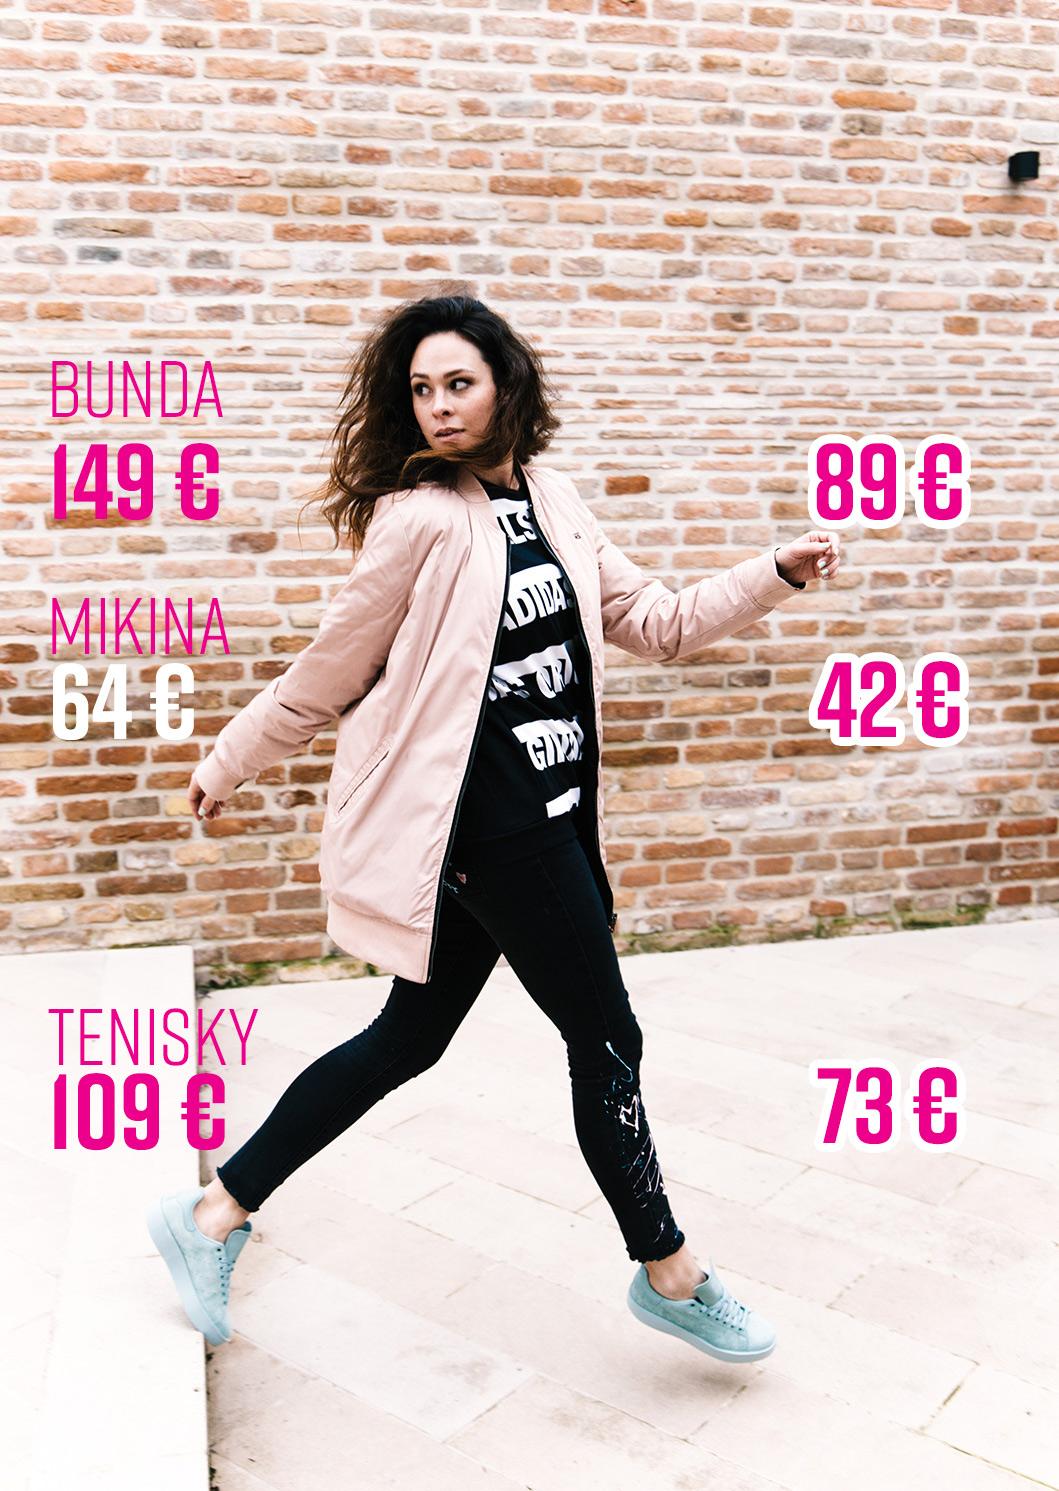 40c276f2f322 Inšpiračné výpredajové outfity z našej ponuky